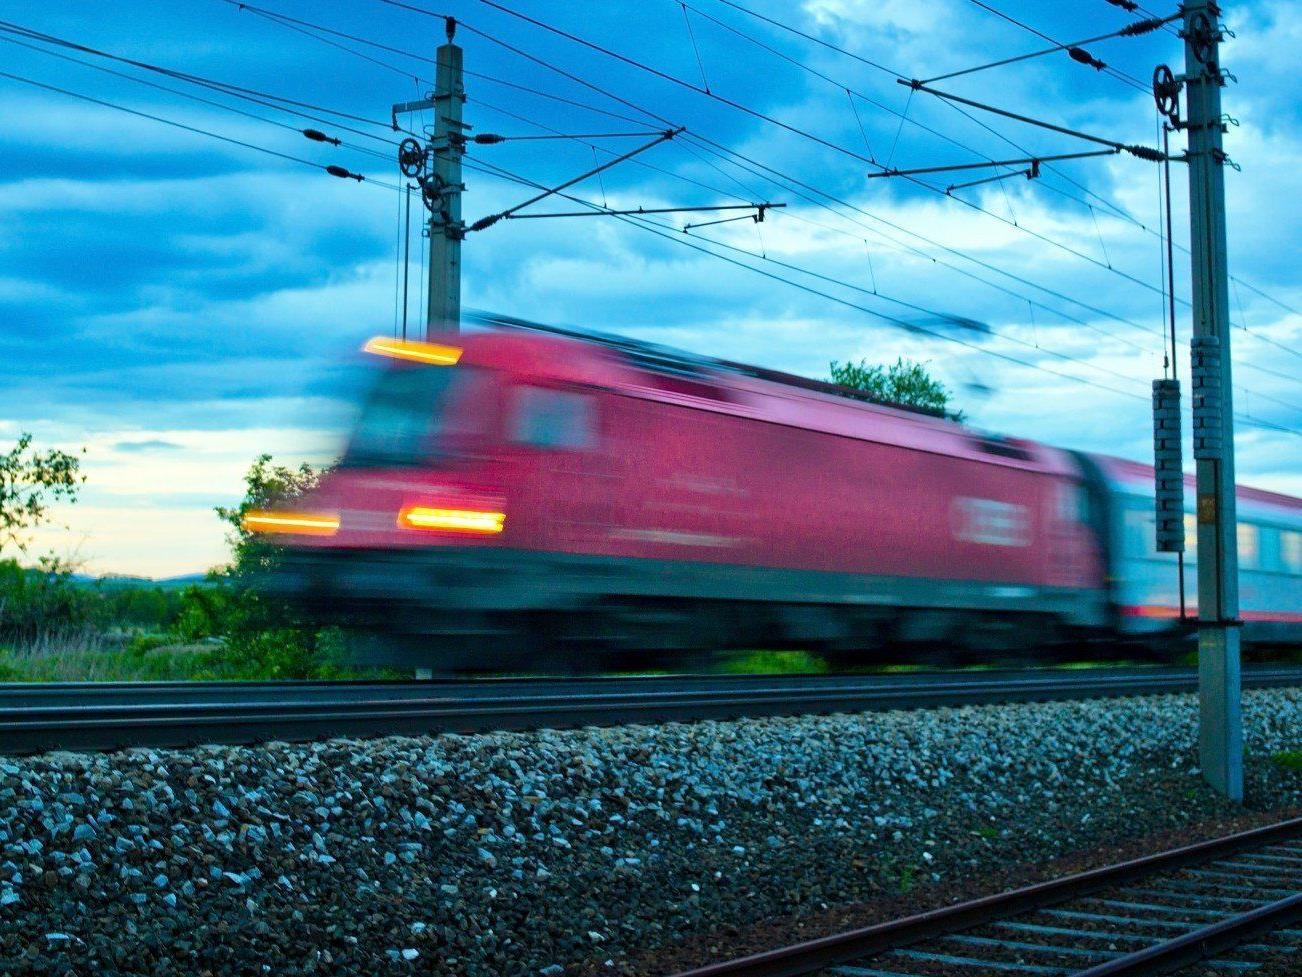 Ein 43-jähriger Mann wurde am Innsbrucker Hauptbahnhof von einem Zug erfasst.